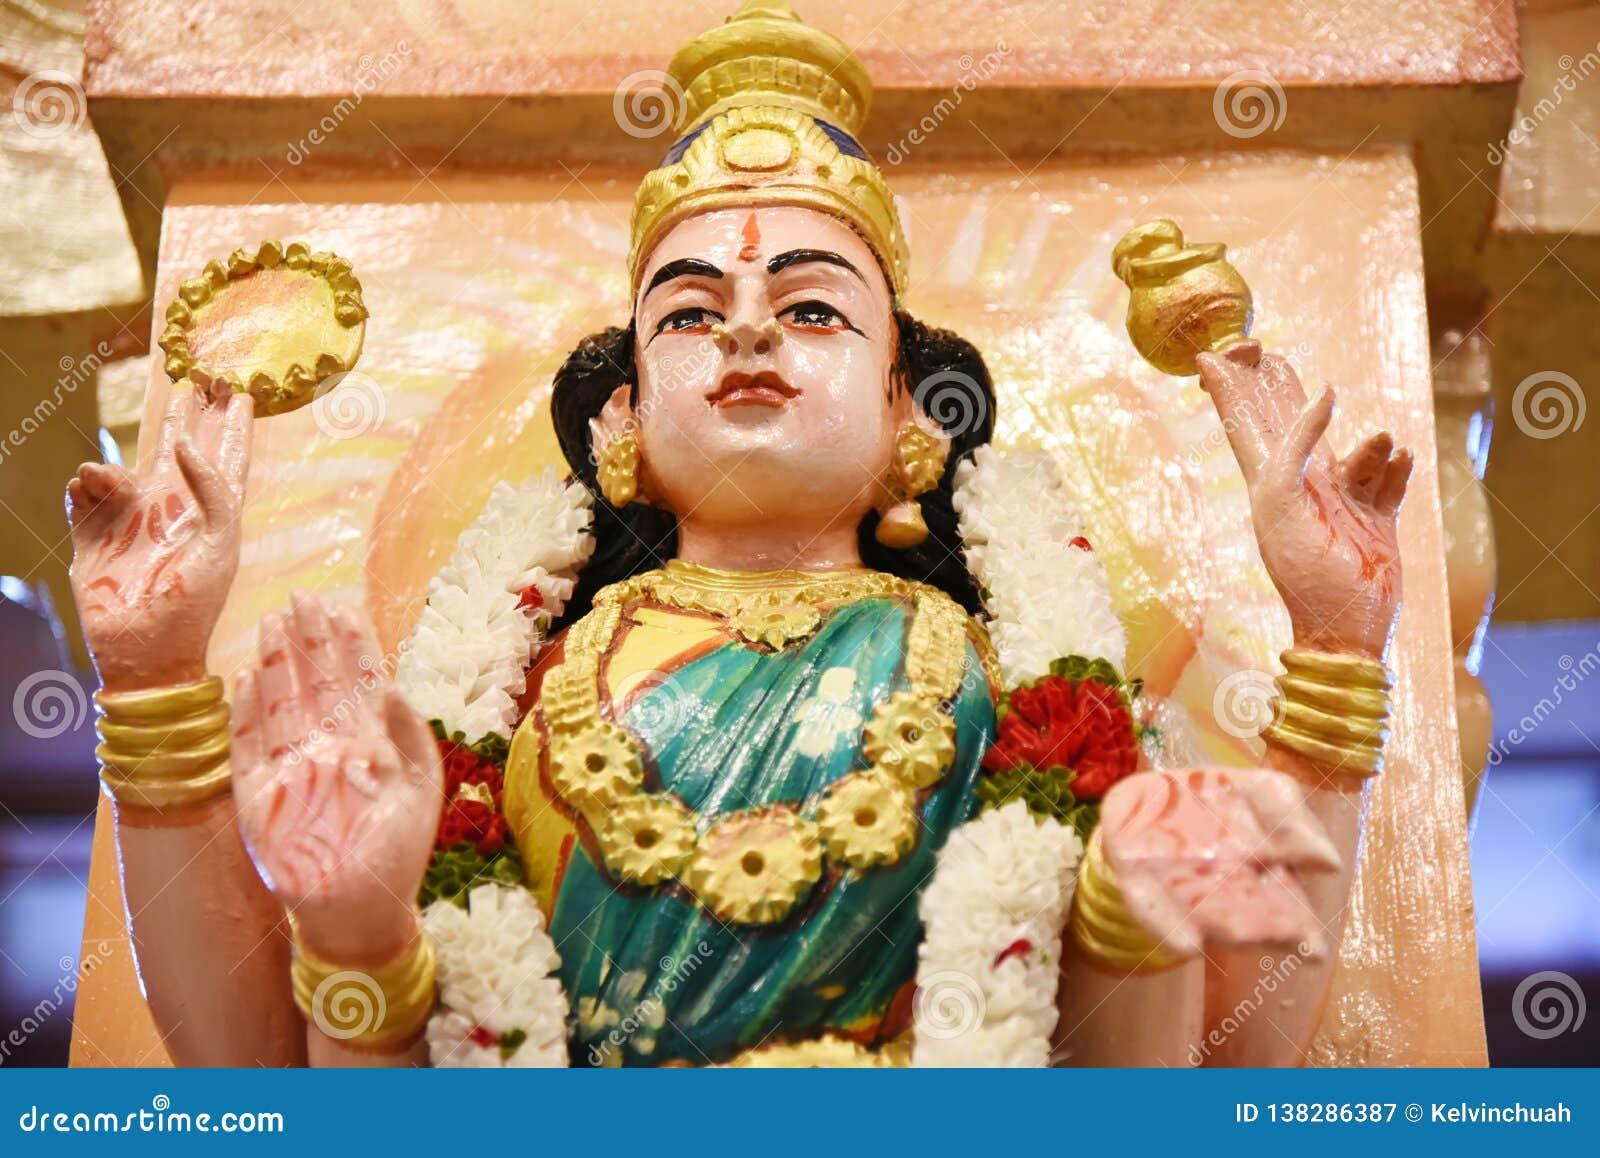 Estatuas de dioses hindúes